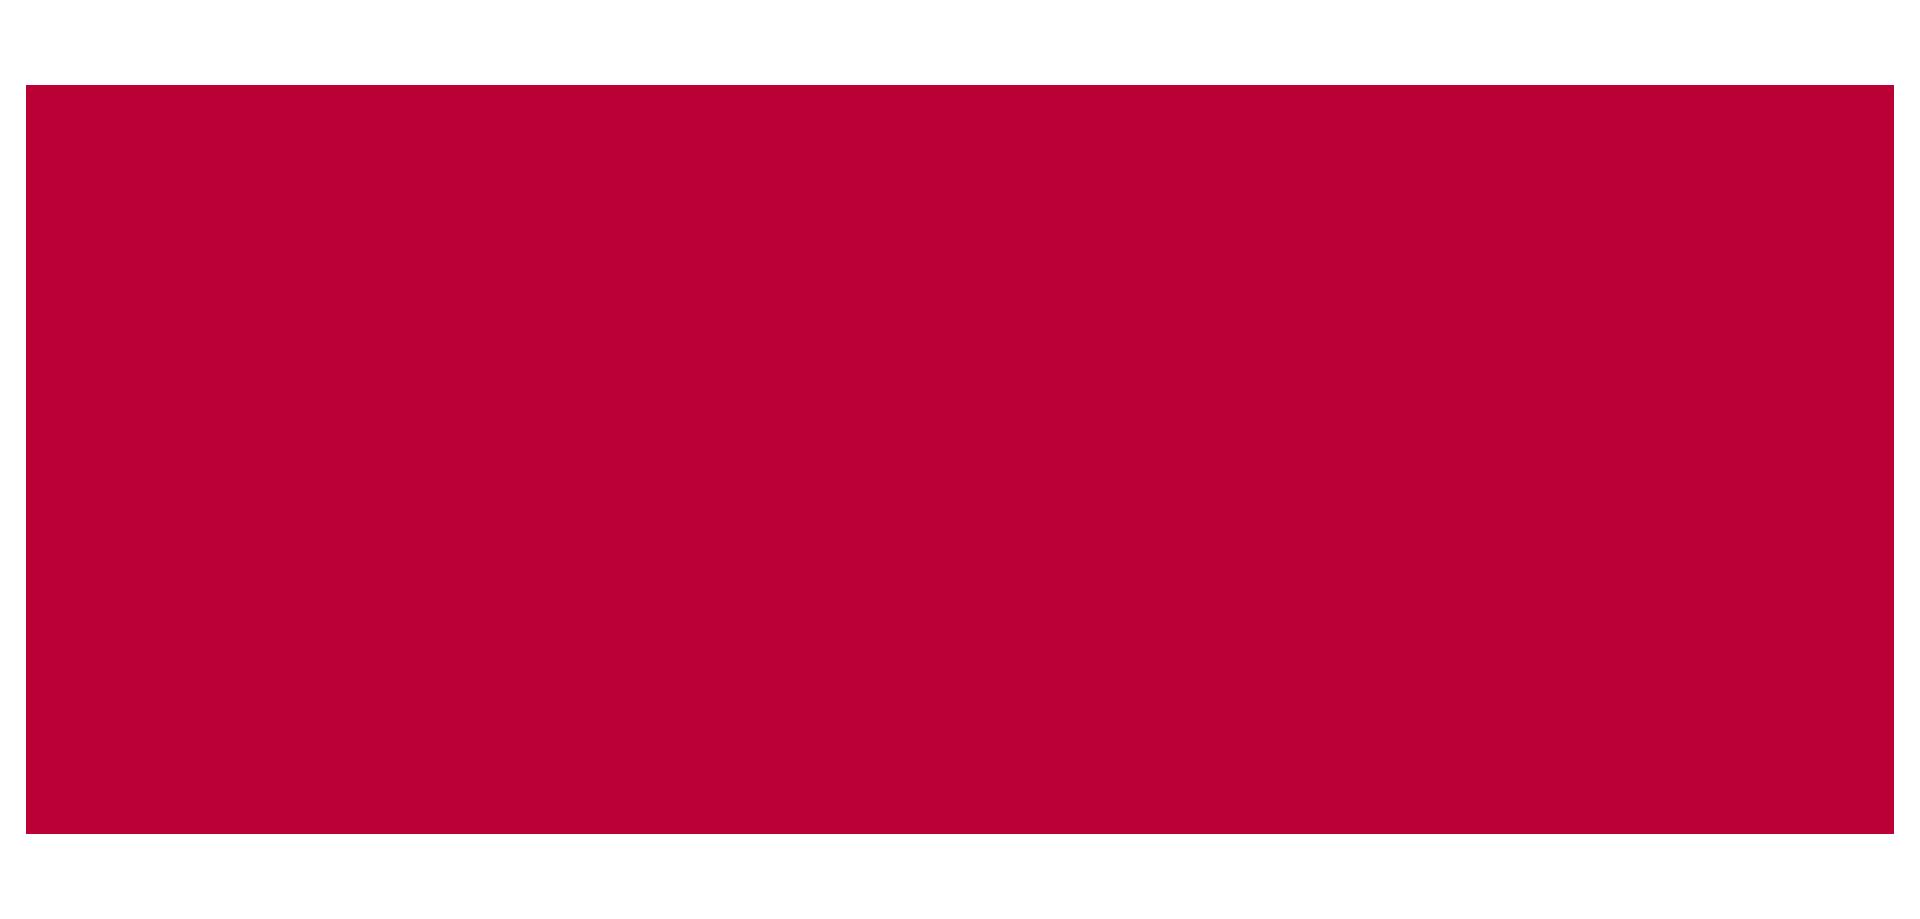 HMO Invest property developer logo design in colour